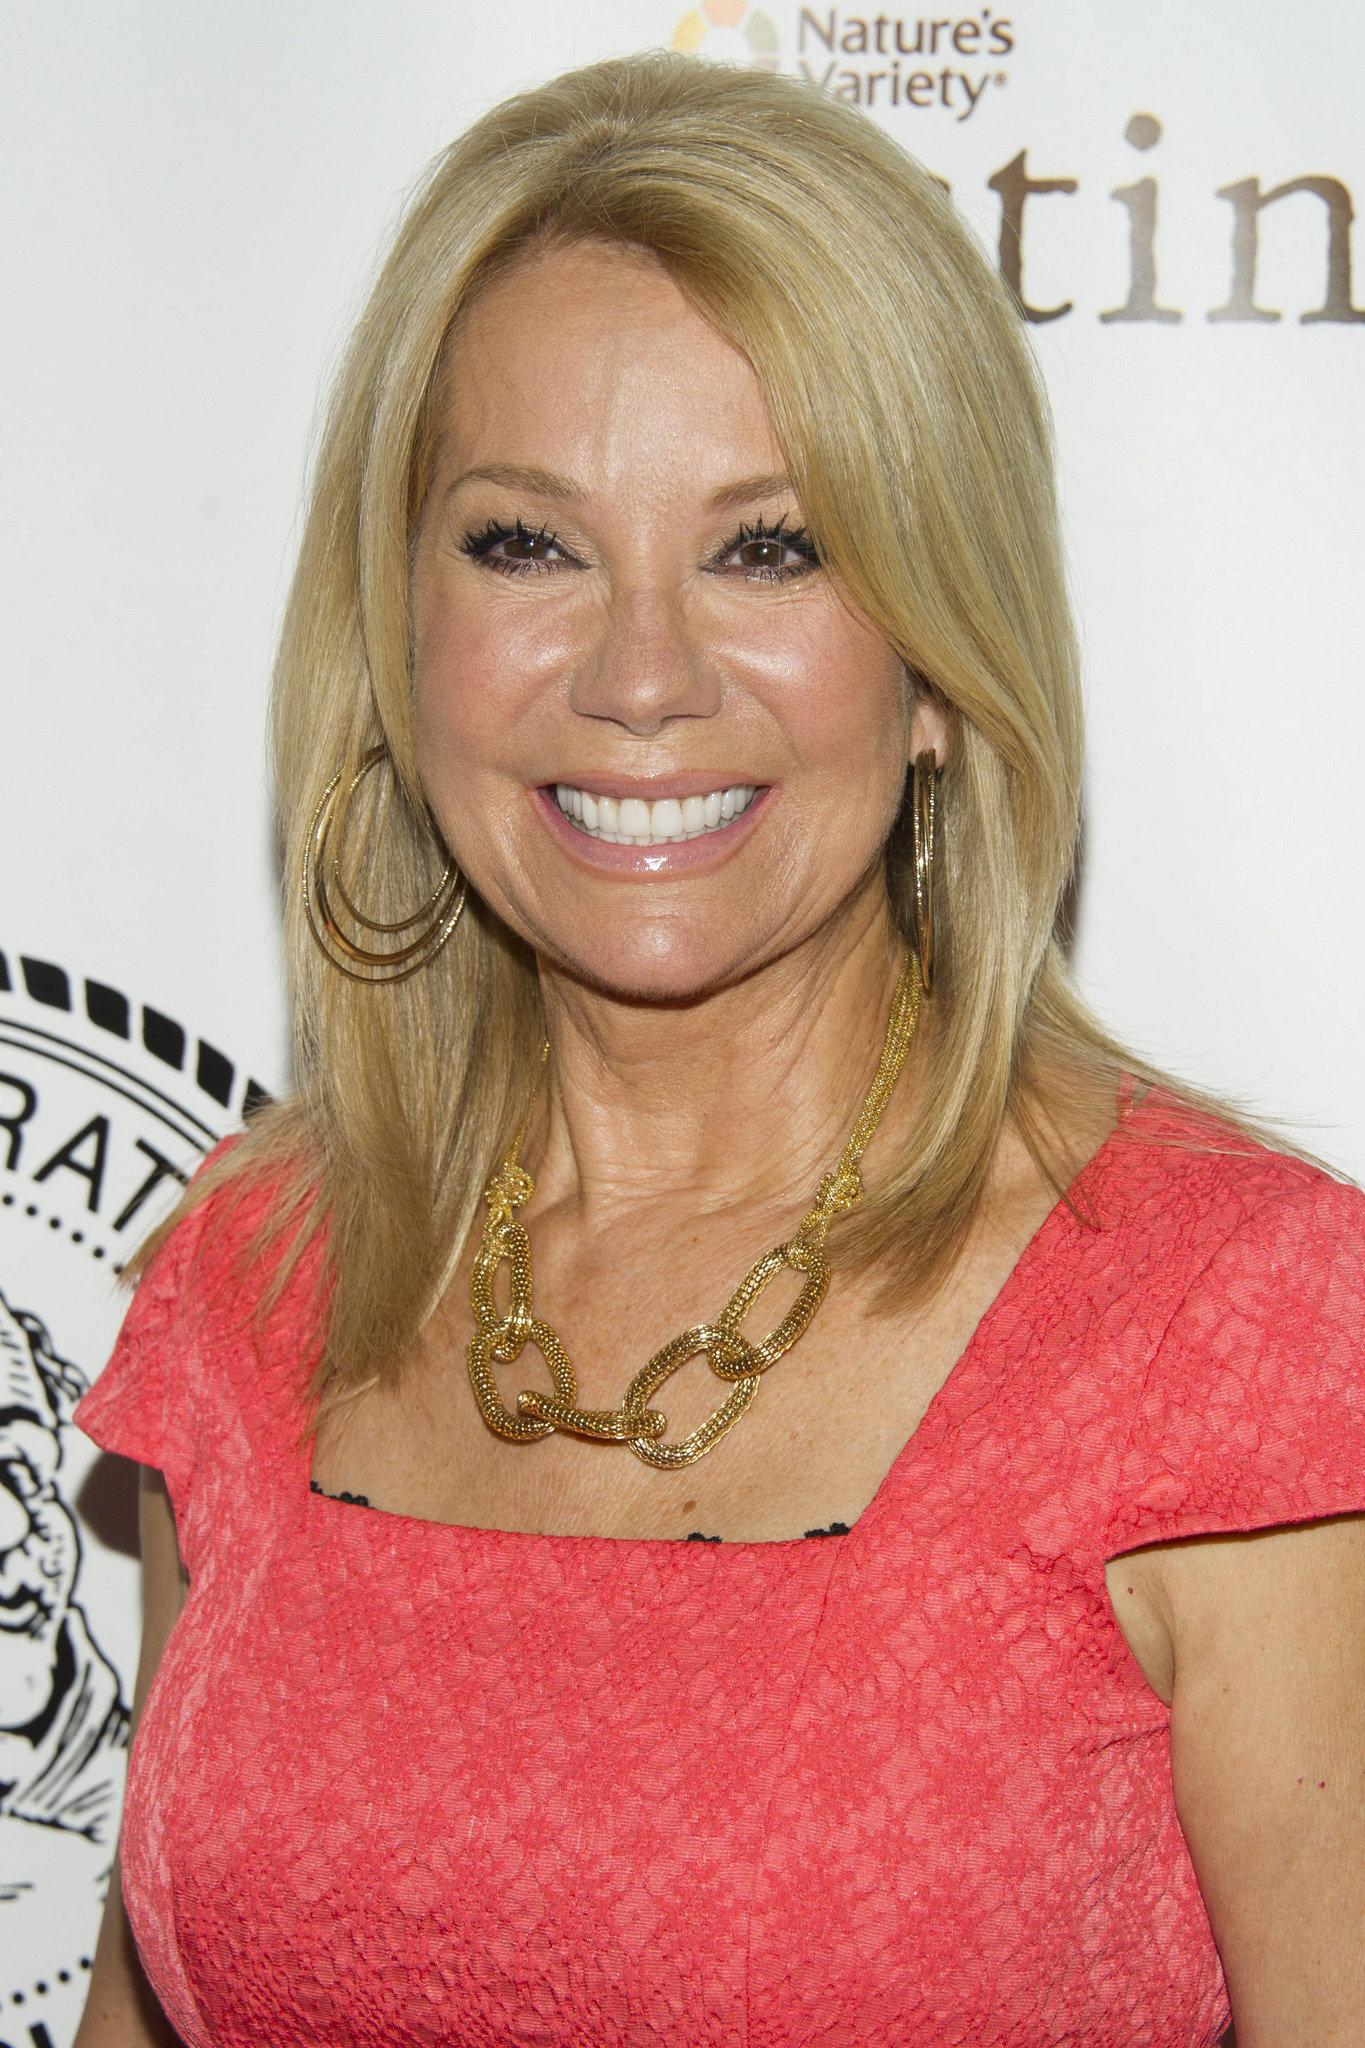 Kathie Lee Gifford Bra Size Kathie Lee Gifford Botox